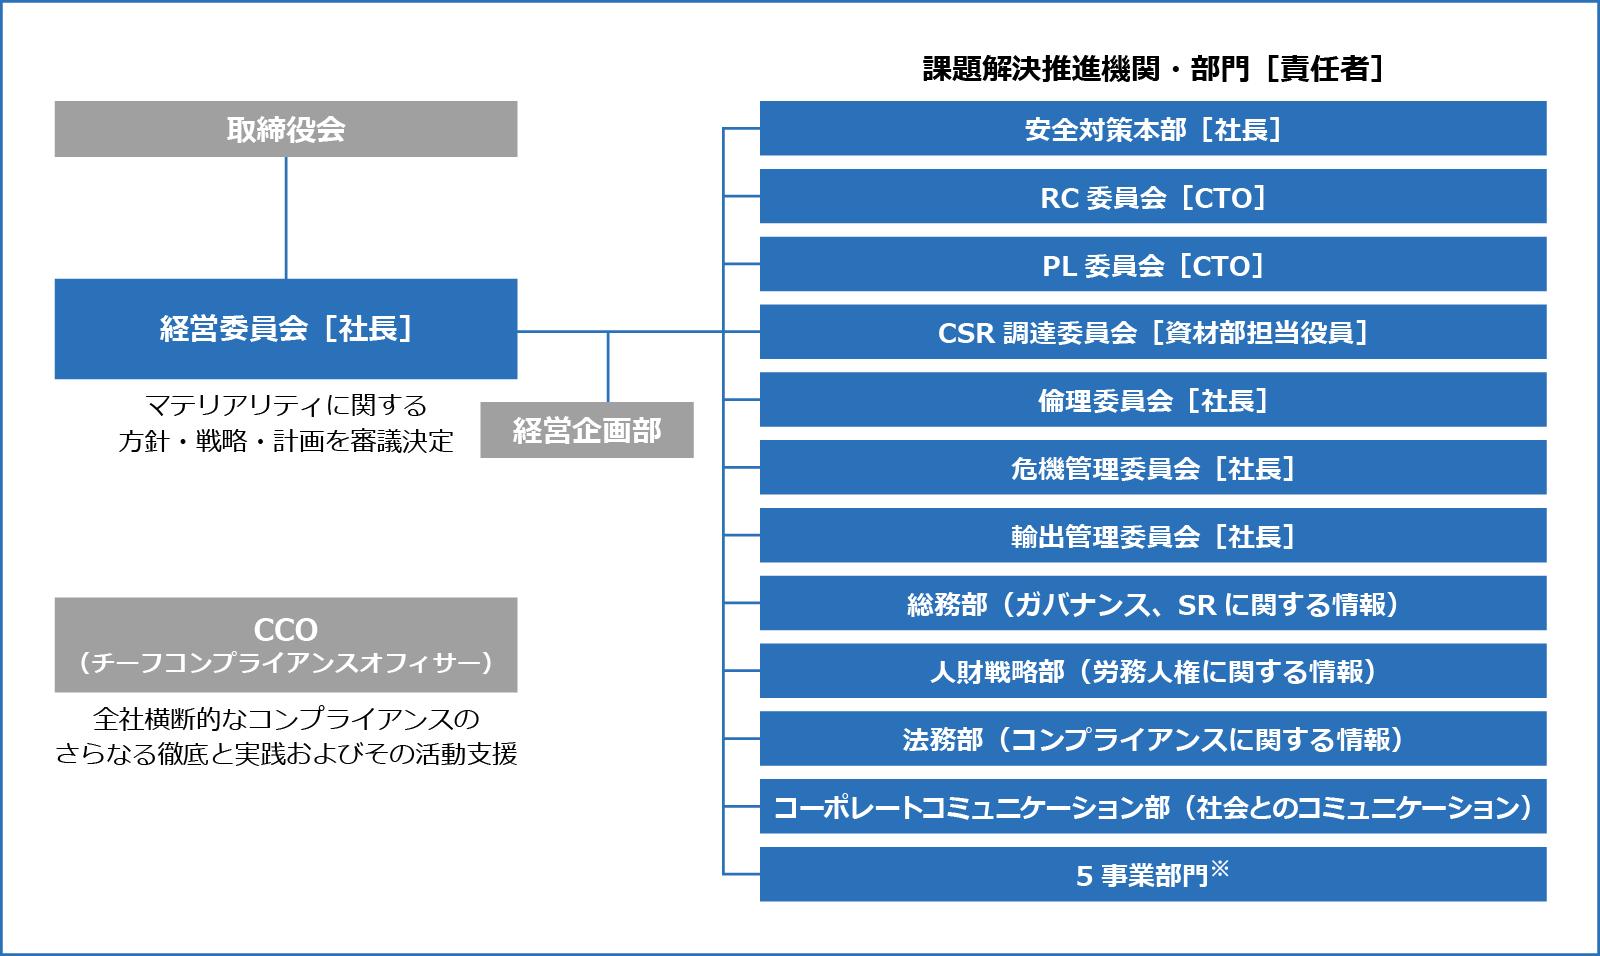 CSR推進体制図